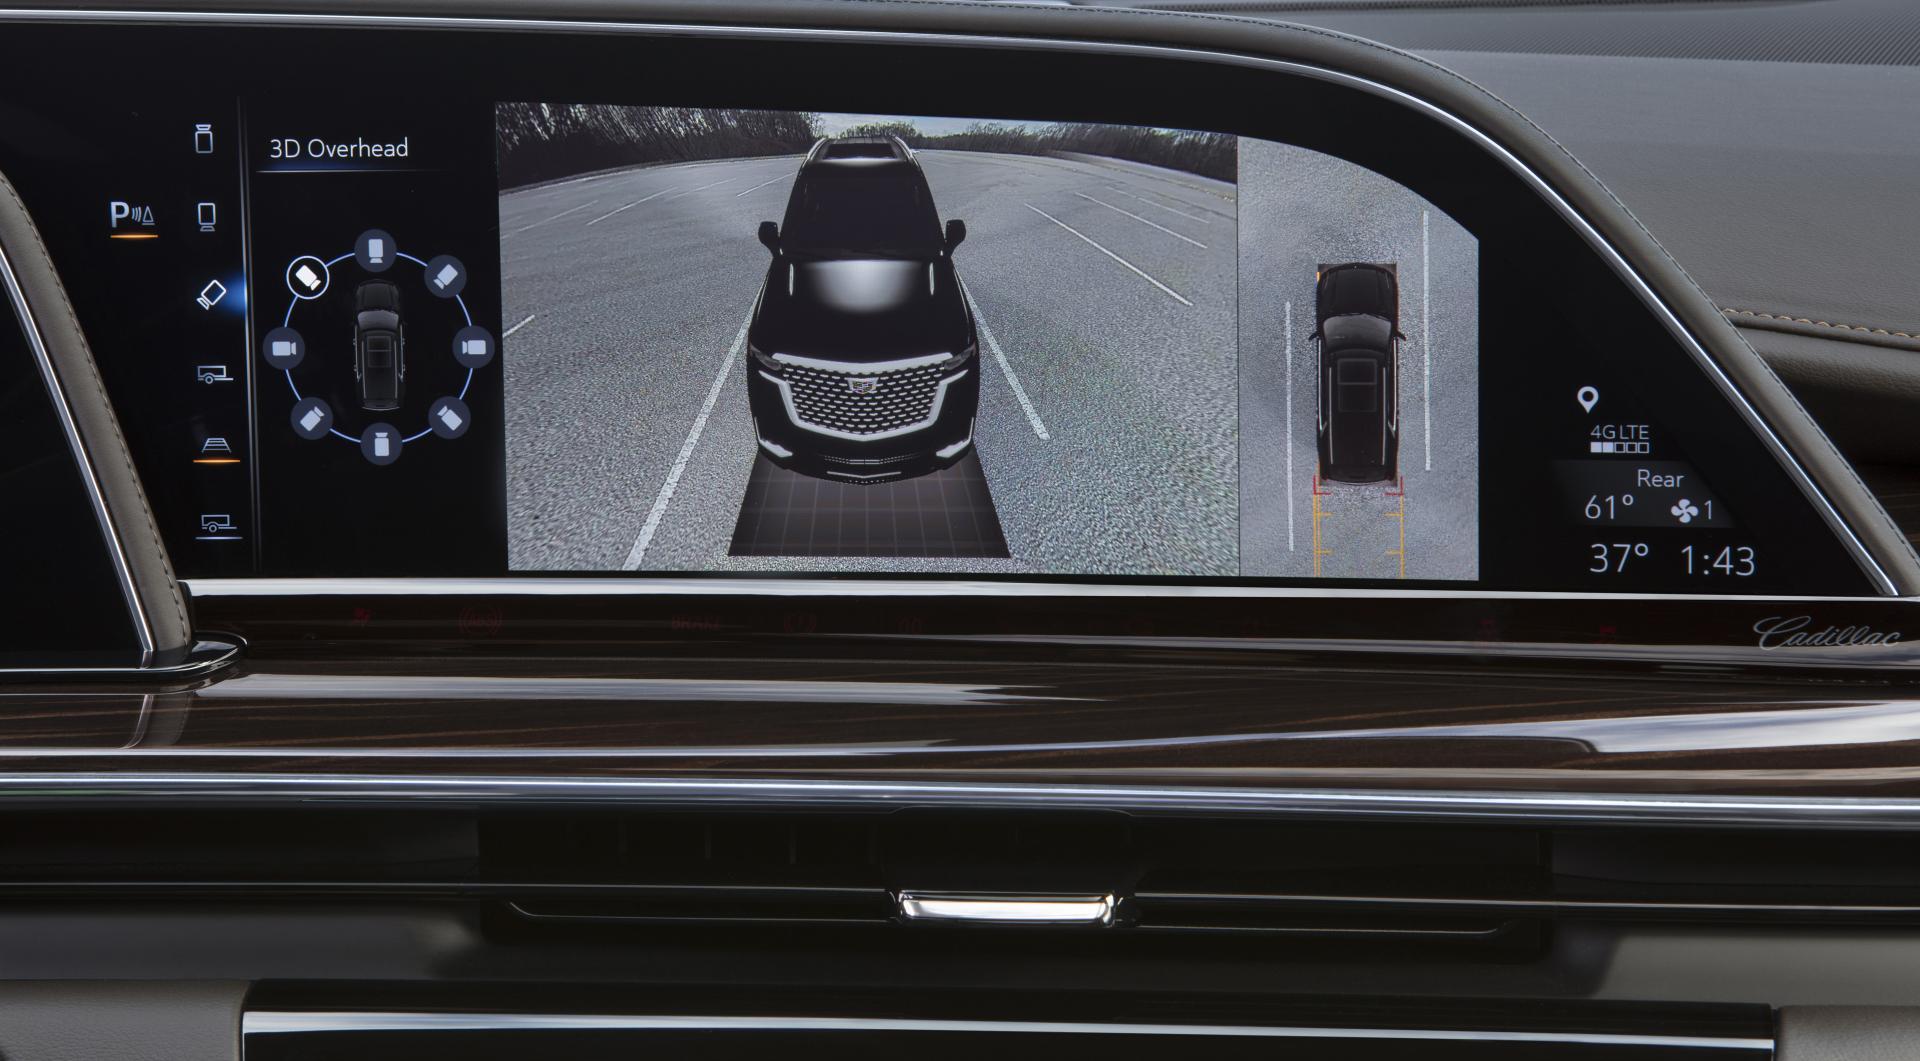 Cadillac Escalade 2021 scherm display surround parkeren